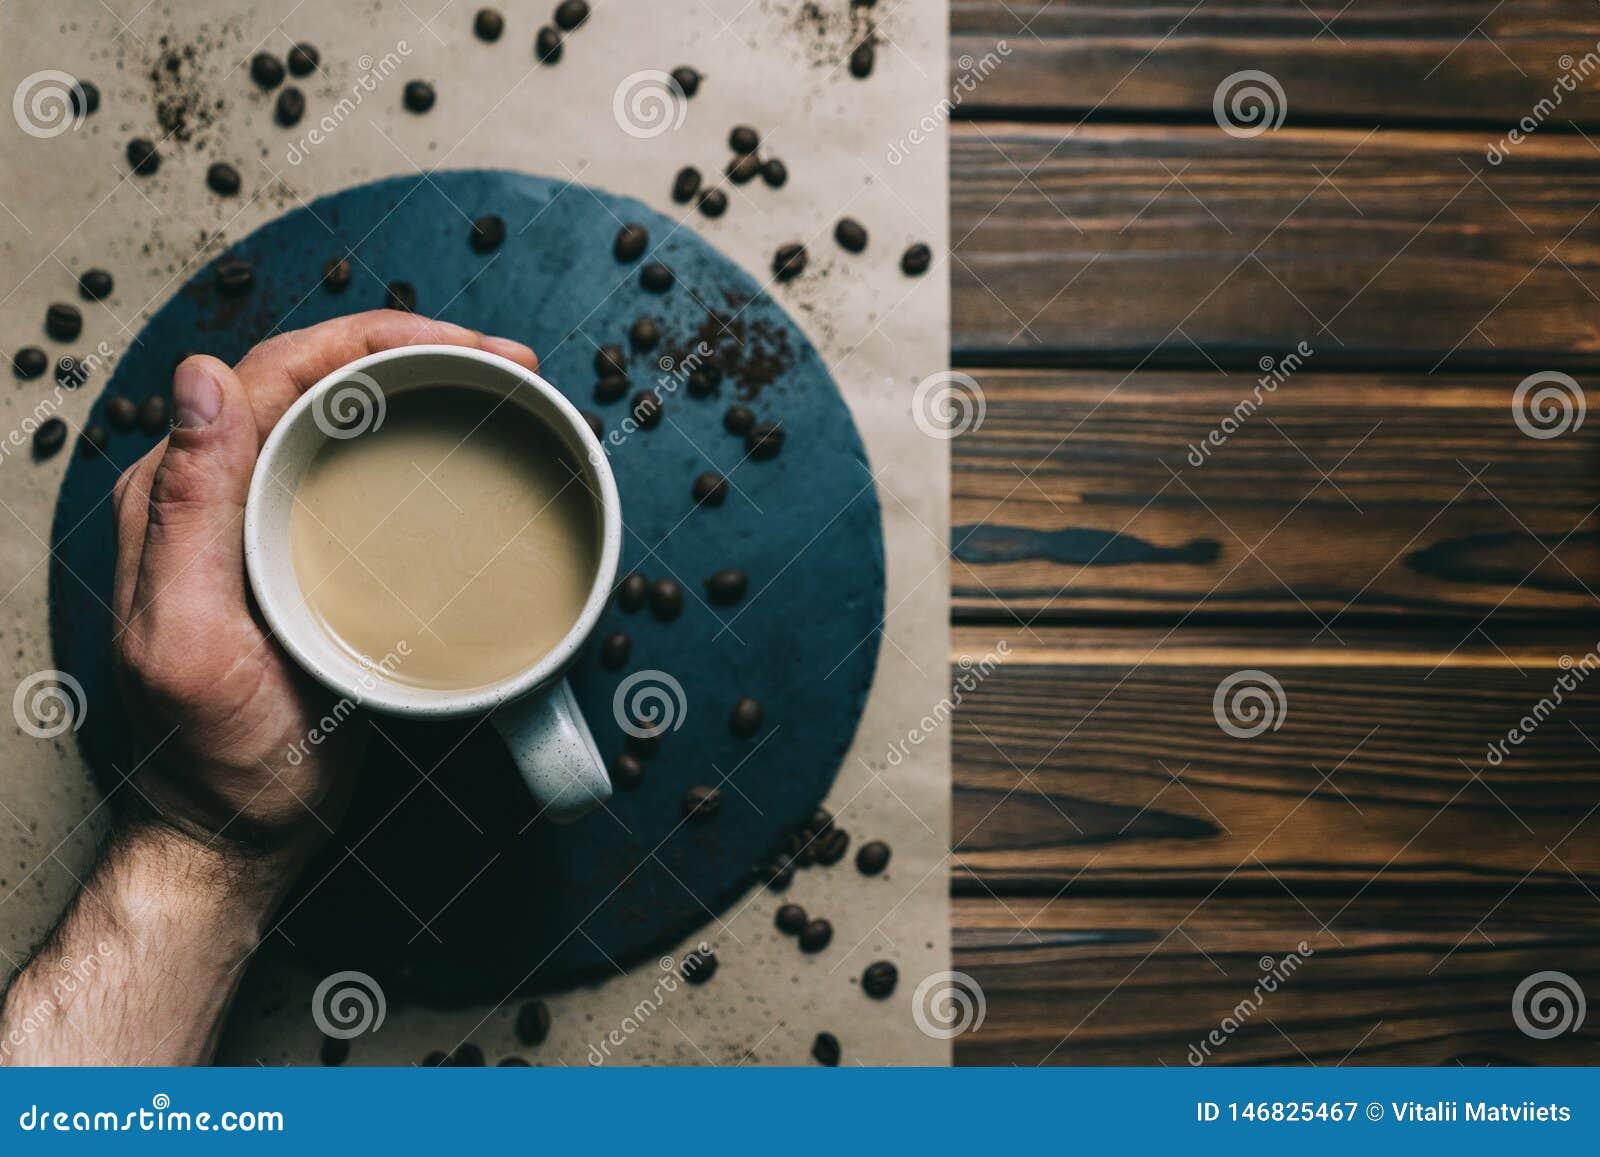 Kawa w grater z filiżanką w ręce na ciemnym tle z śmietanką